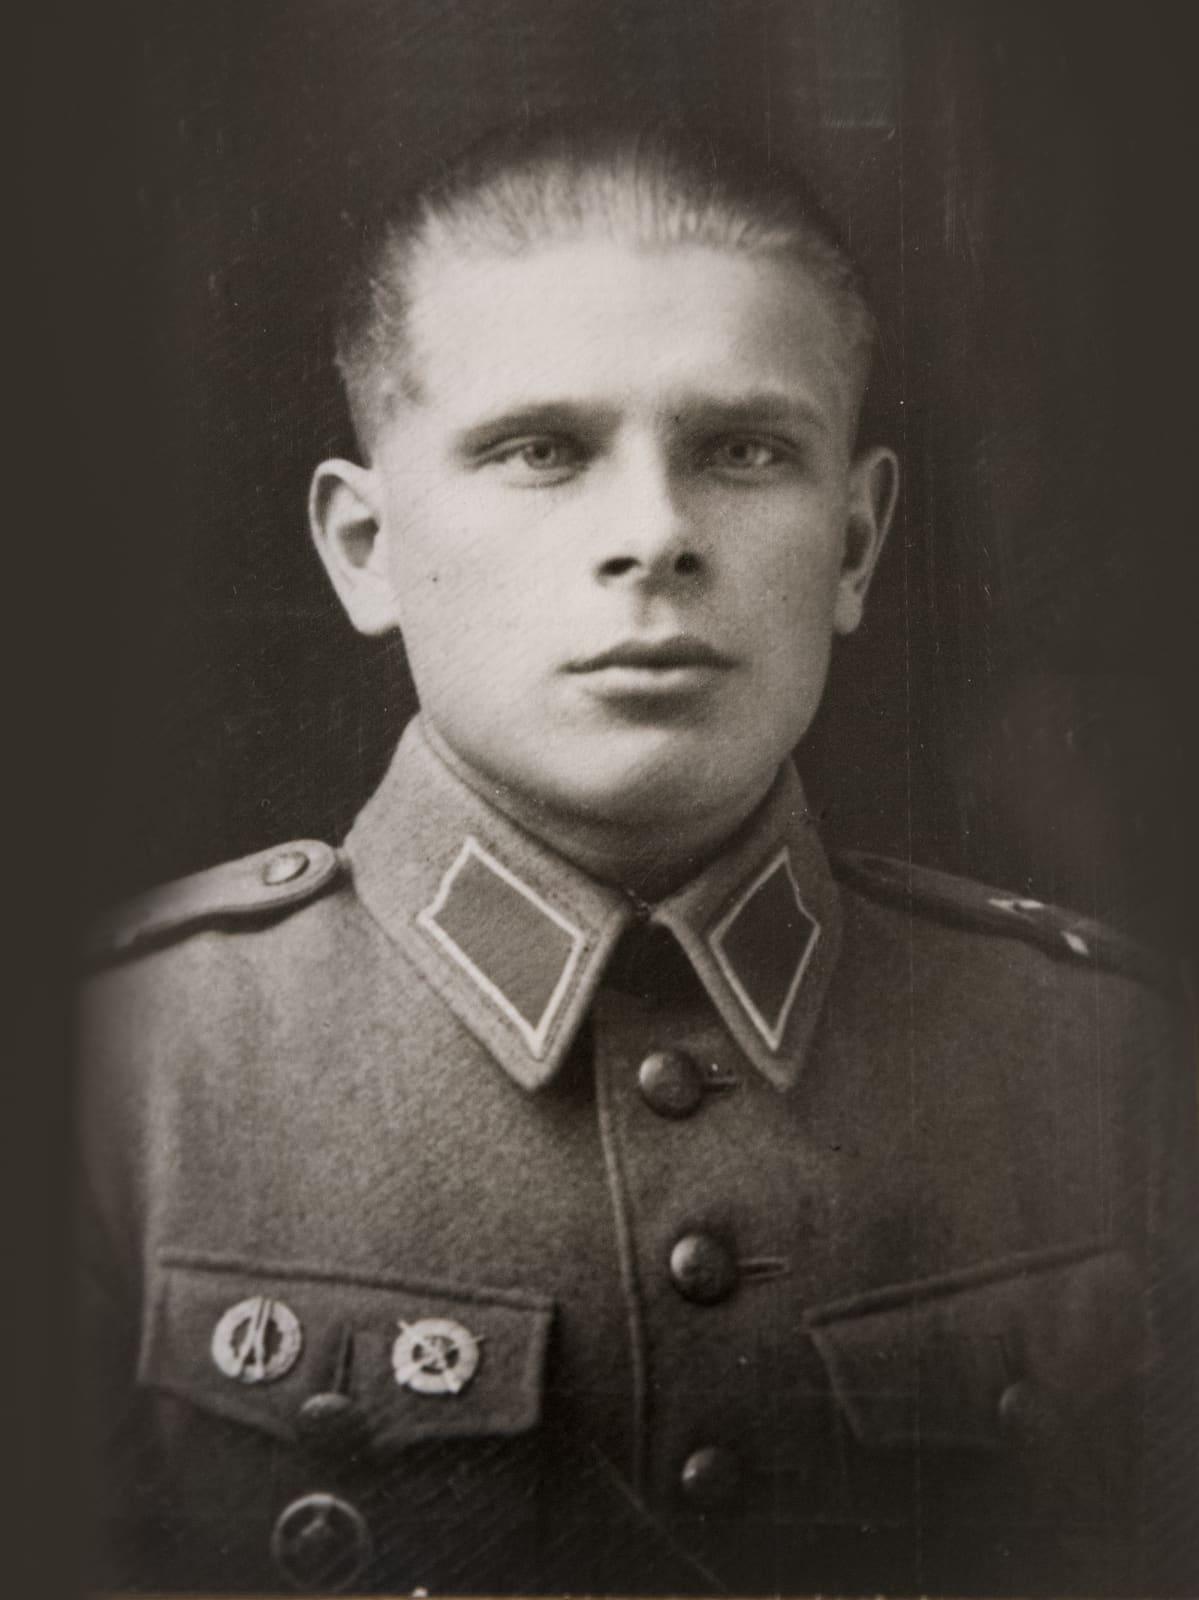 Aimo Koivunen, suomalainen sotilas, muotokuvassa.